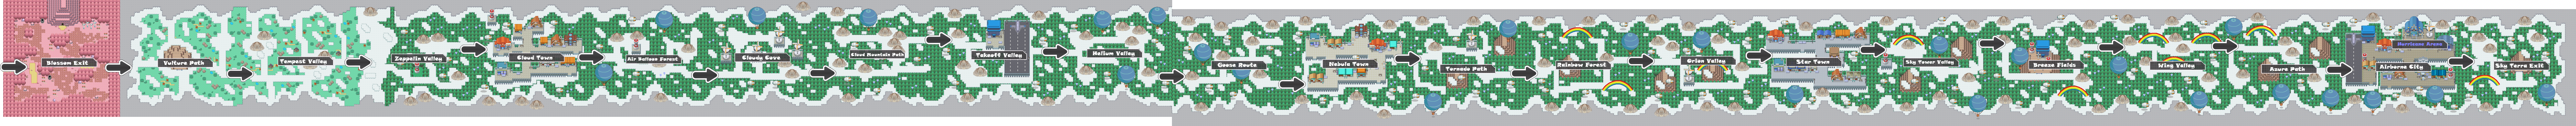 Pokemon Like Monster MMORPG V2 Zone 15 World Map